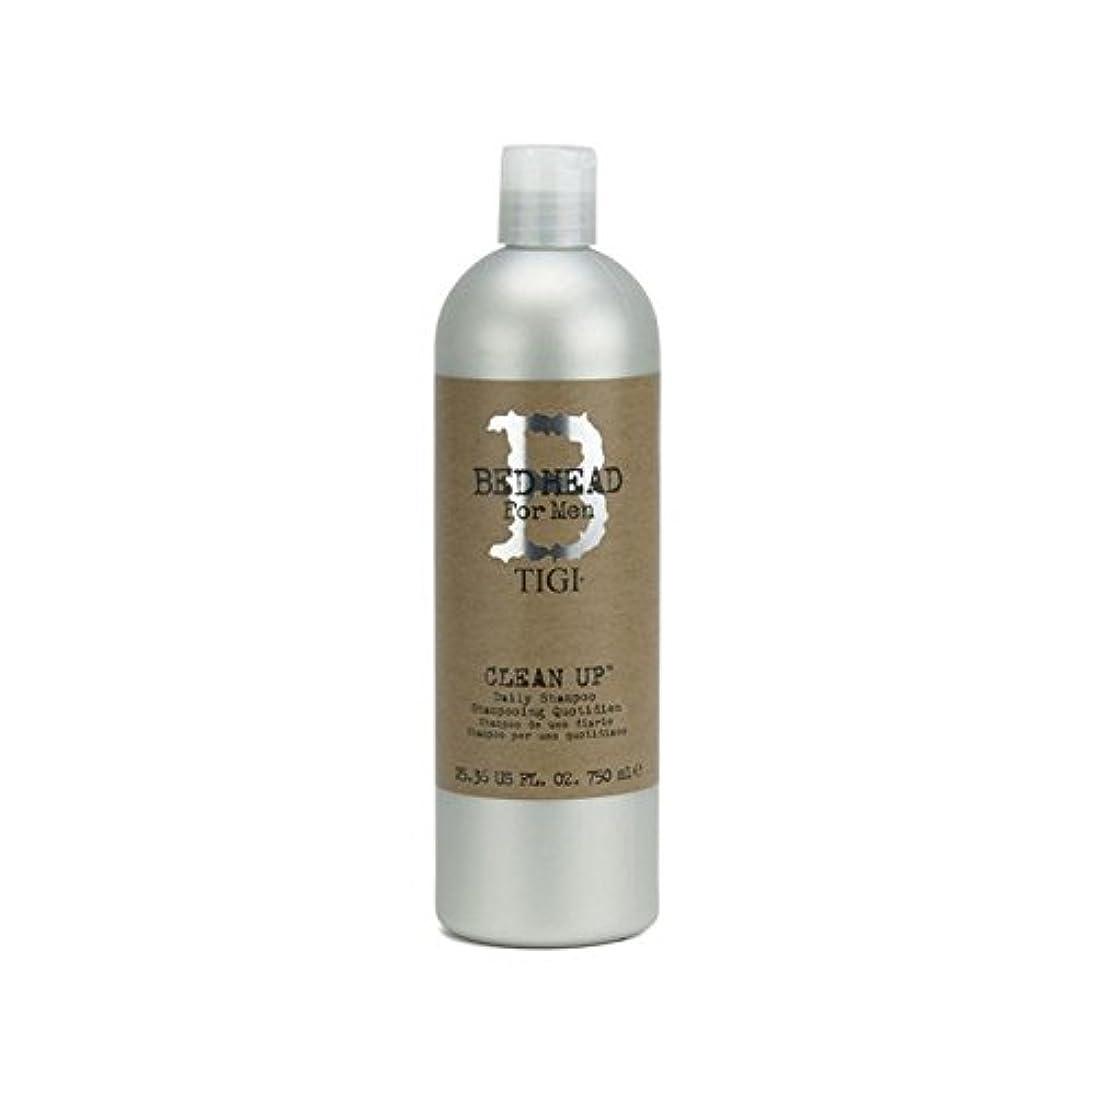 シンポジウムパールトラブルTigi Bed Head For Men Clean Up Daily Shampoo (750ml) (Pack of 6) - 毎日シャンプーをクリーンアップする男性のためのティジーベッドヘッド(750ミリリットル) x6 [並行輸入品]